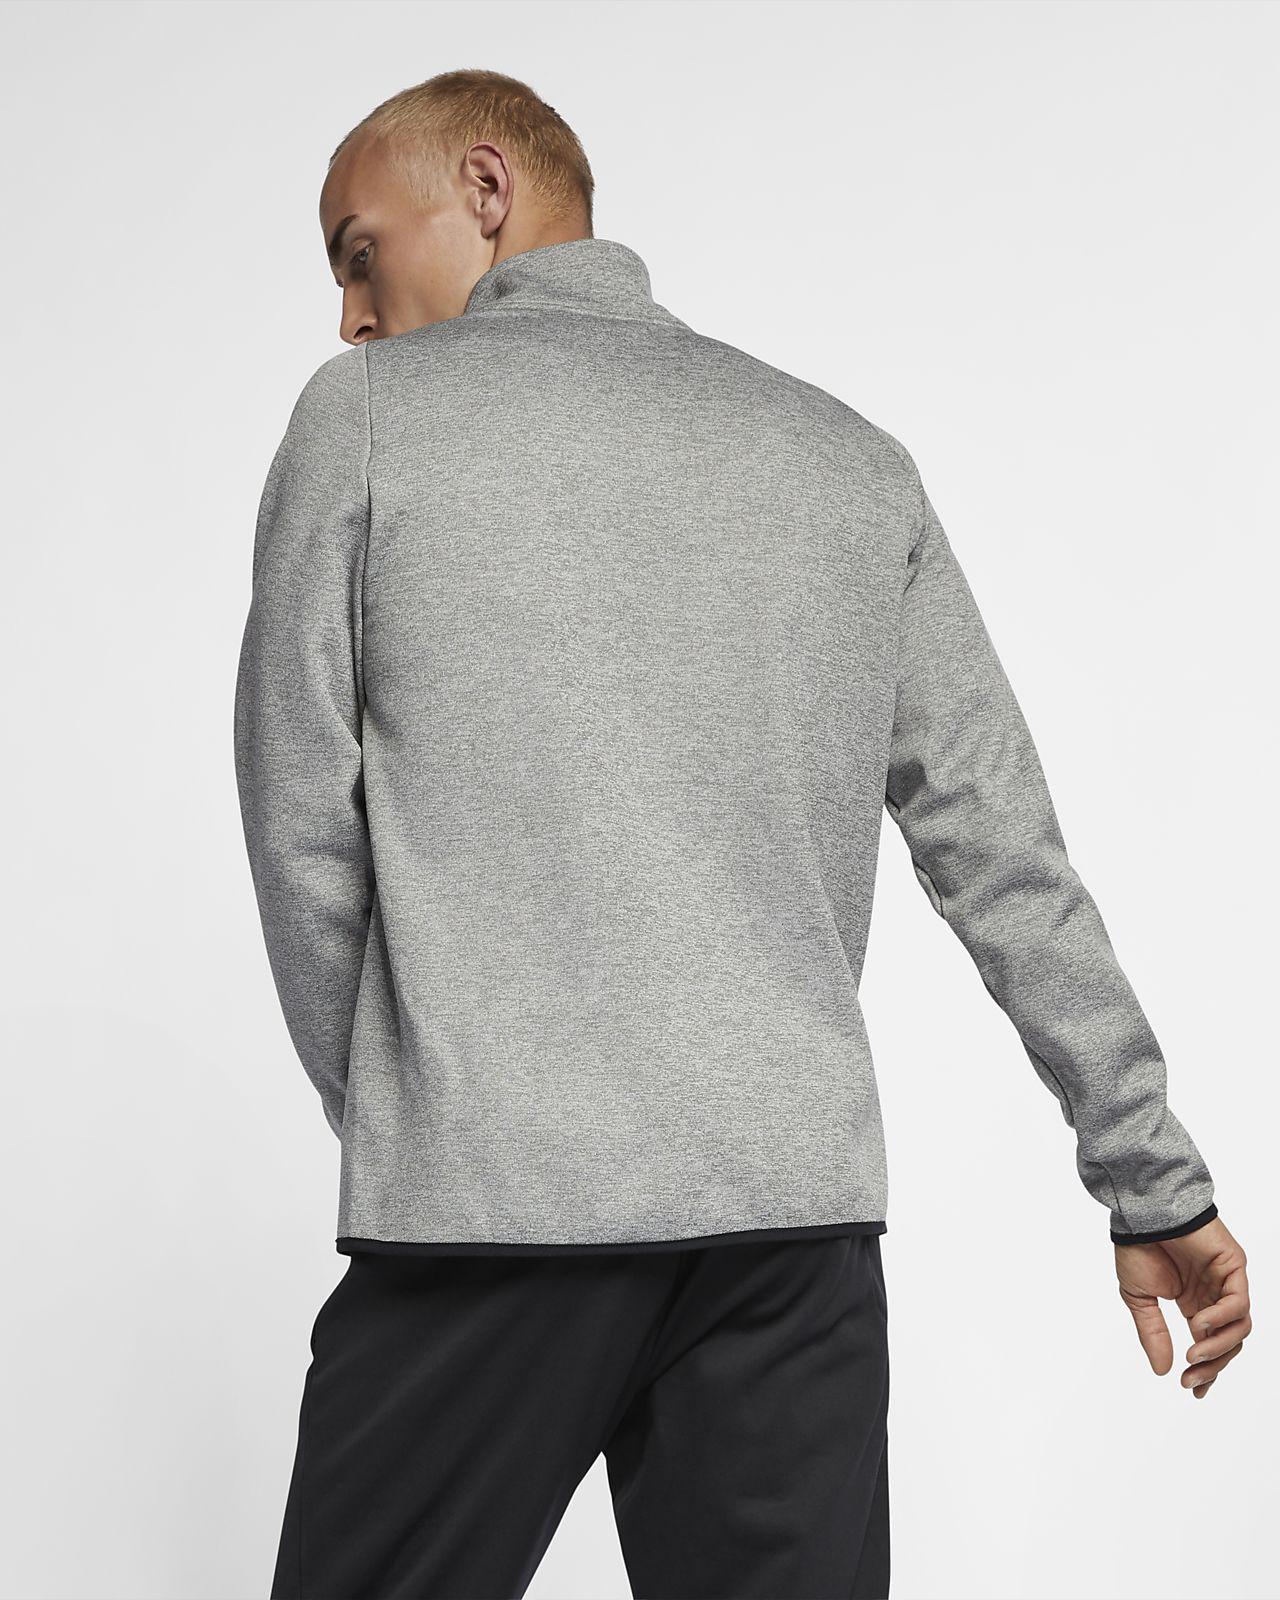 Quality Soft Fabric Heather Grey Quarter Zip Sweat Jacket Size  XS to XXXL